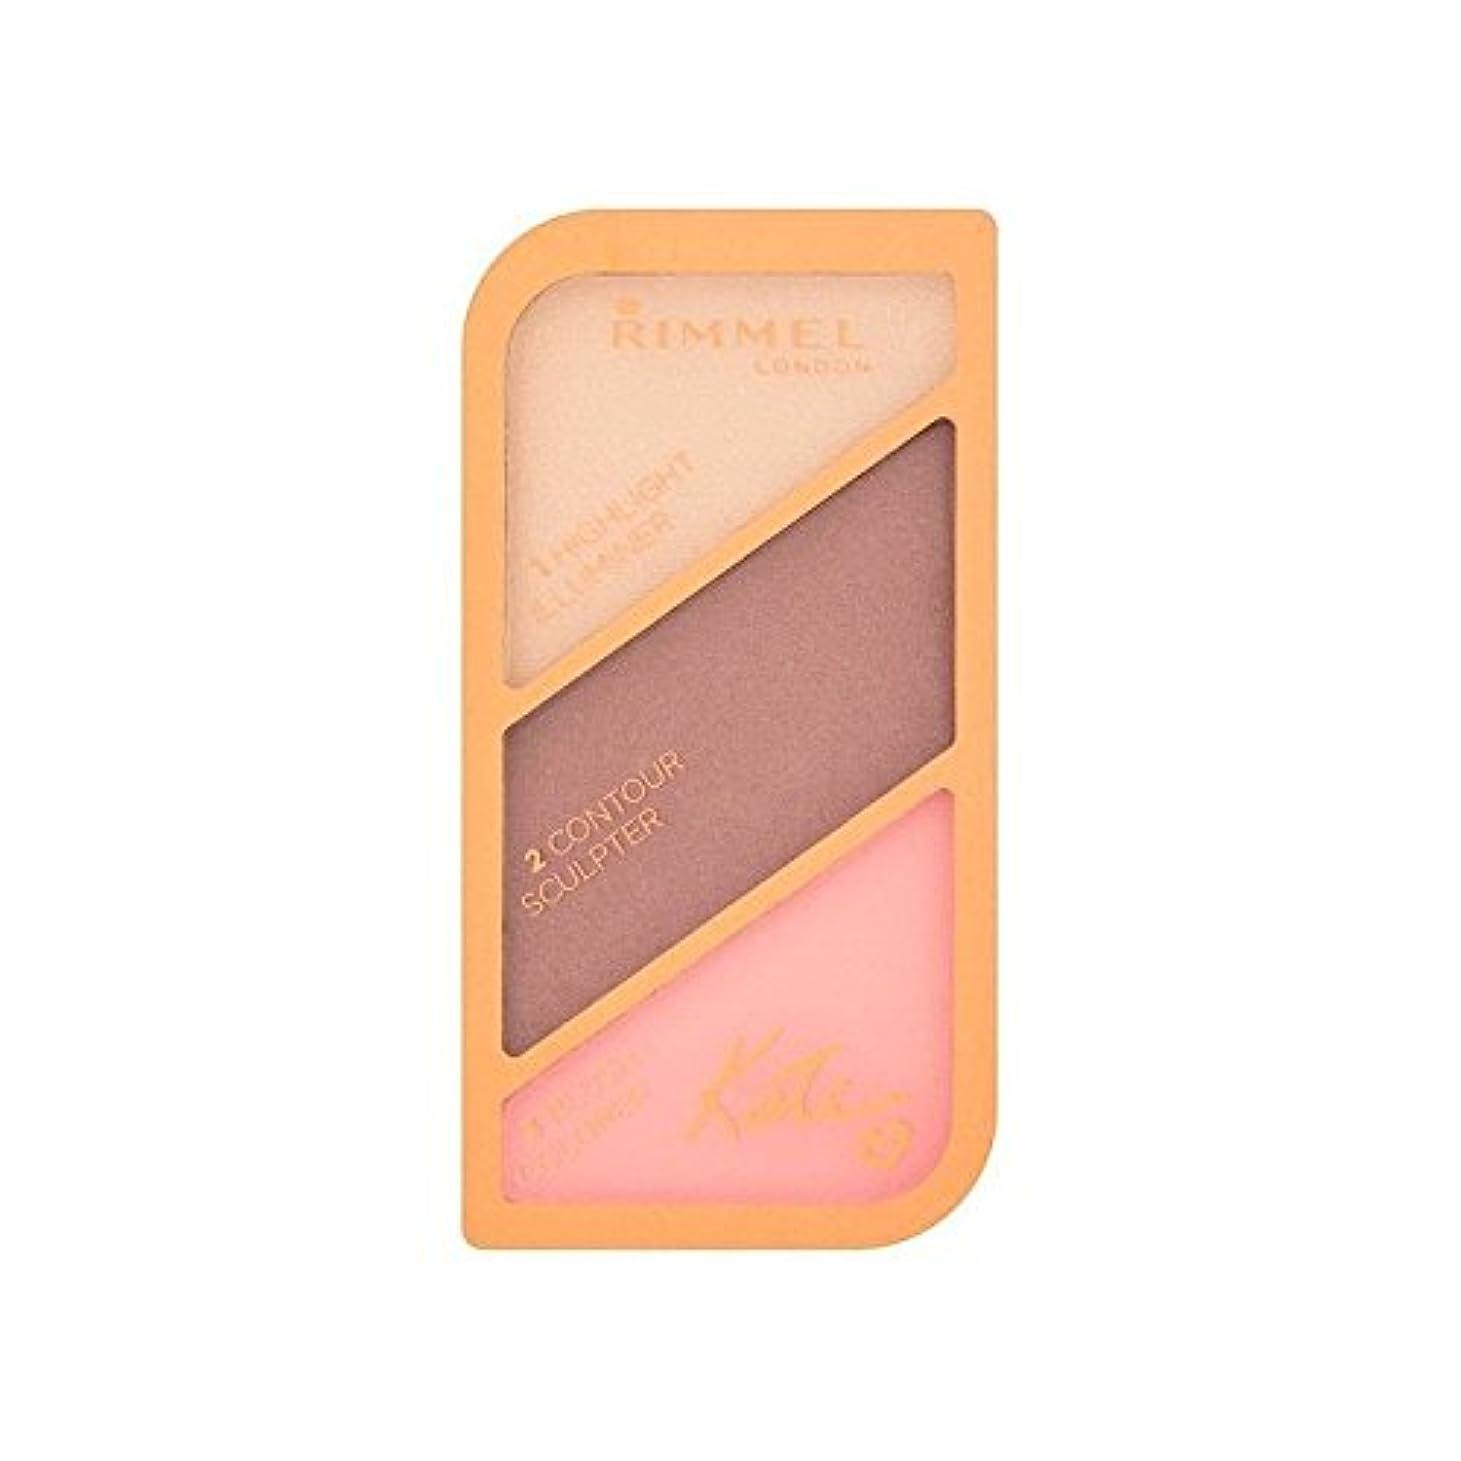 上げる簿記係招待リンメルケイト?モスの彫刻パレット黄金のブロンズ003 x4 - Rimmel Kate Moss Sculpting Palette Golden Bronze 003 (Pack of 4) [並行輸入品]